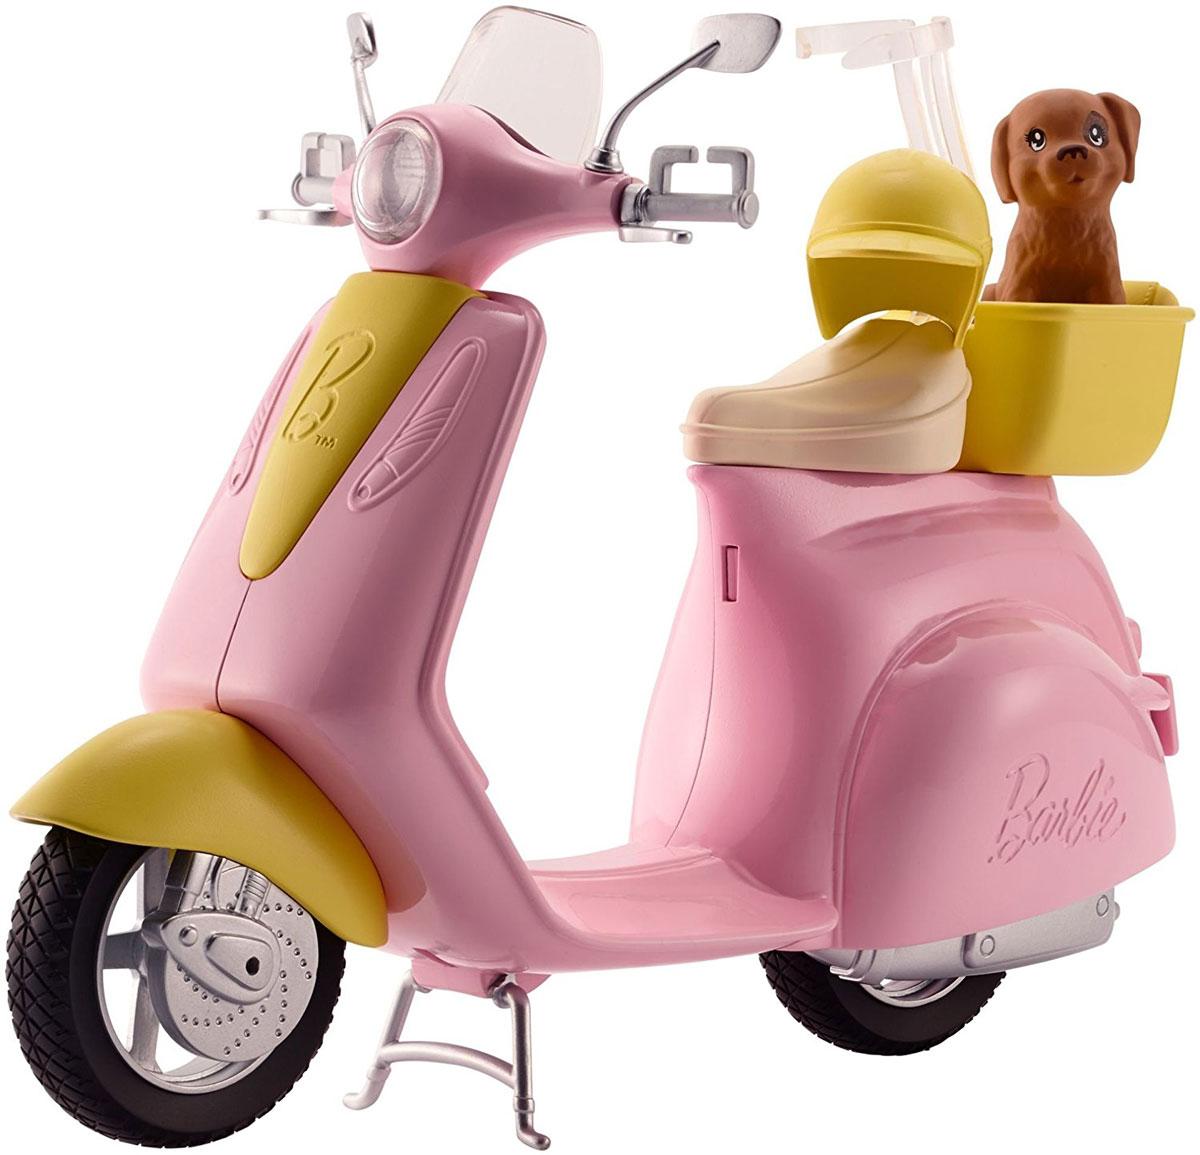 Barbie Мопед для куклыDVX56Вперед к веселью на мопеде Barbie! В комплекте домашний питомец, готовый к прогулке! Розово-желтый корпус делают этот мопед невероятно стильным. Посадите куклу Barbie (продается отдельно) на сиденье и специальная застежка удержит ее на мопеде. Поднимите ножку-опору и отправляйтесь навстречу приключениям. Возьмите с собой щенка, усадив его в желтую корзину сзади, а желтый шлем сделает поездку безопасной. Отправляйтесь на прогулку или вперед навстречу приключениям!